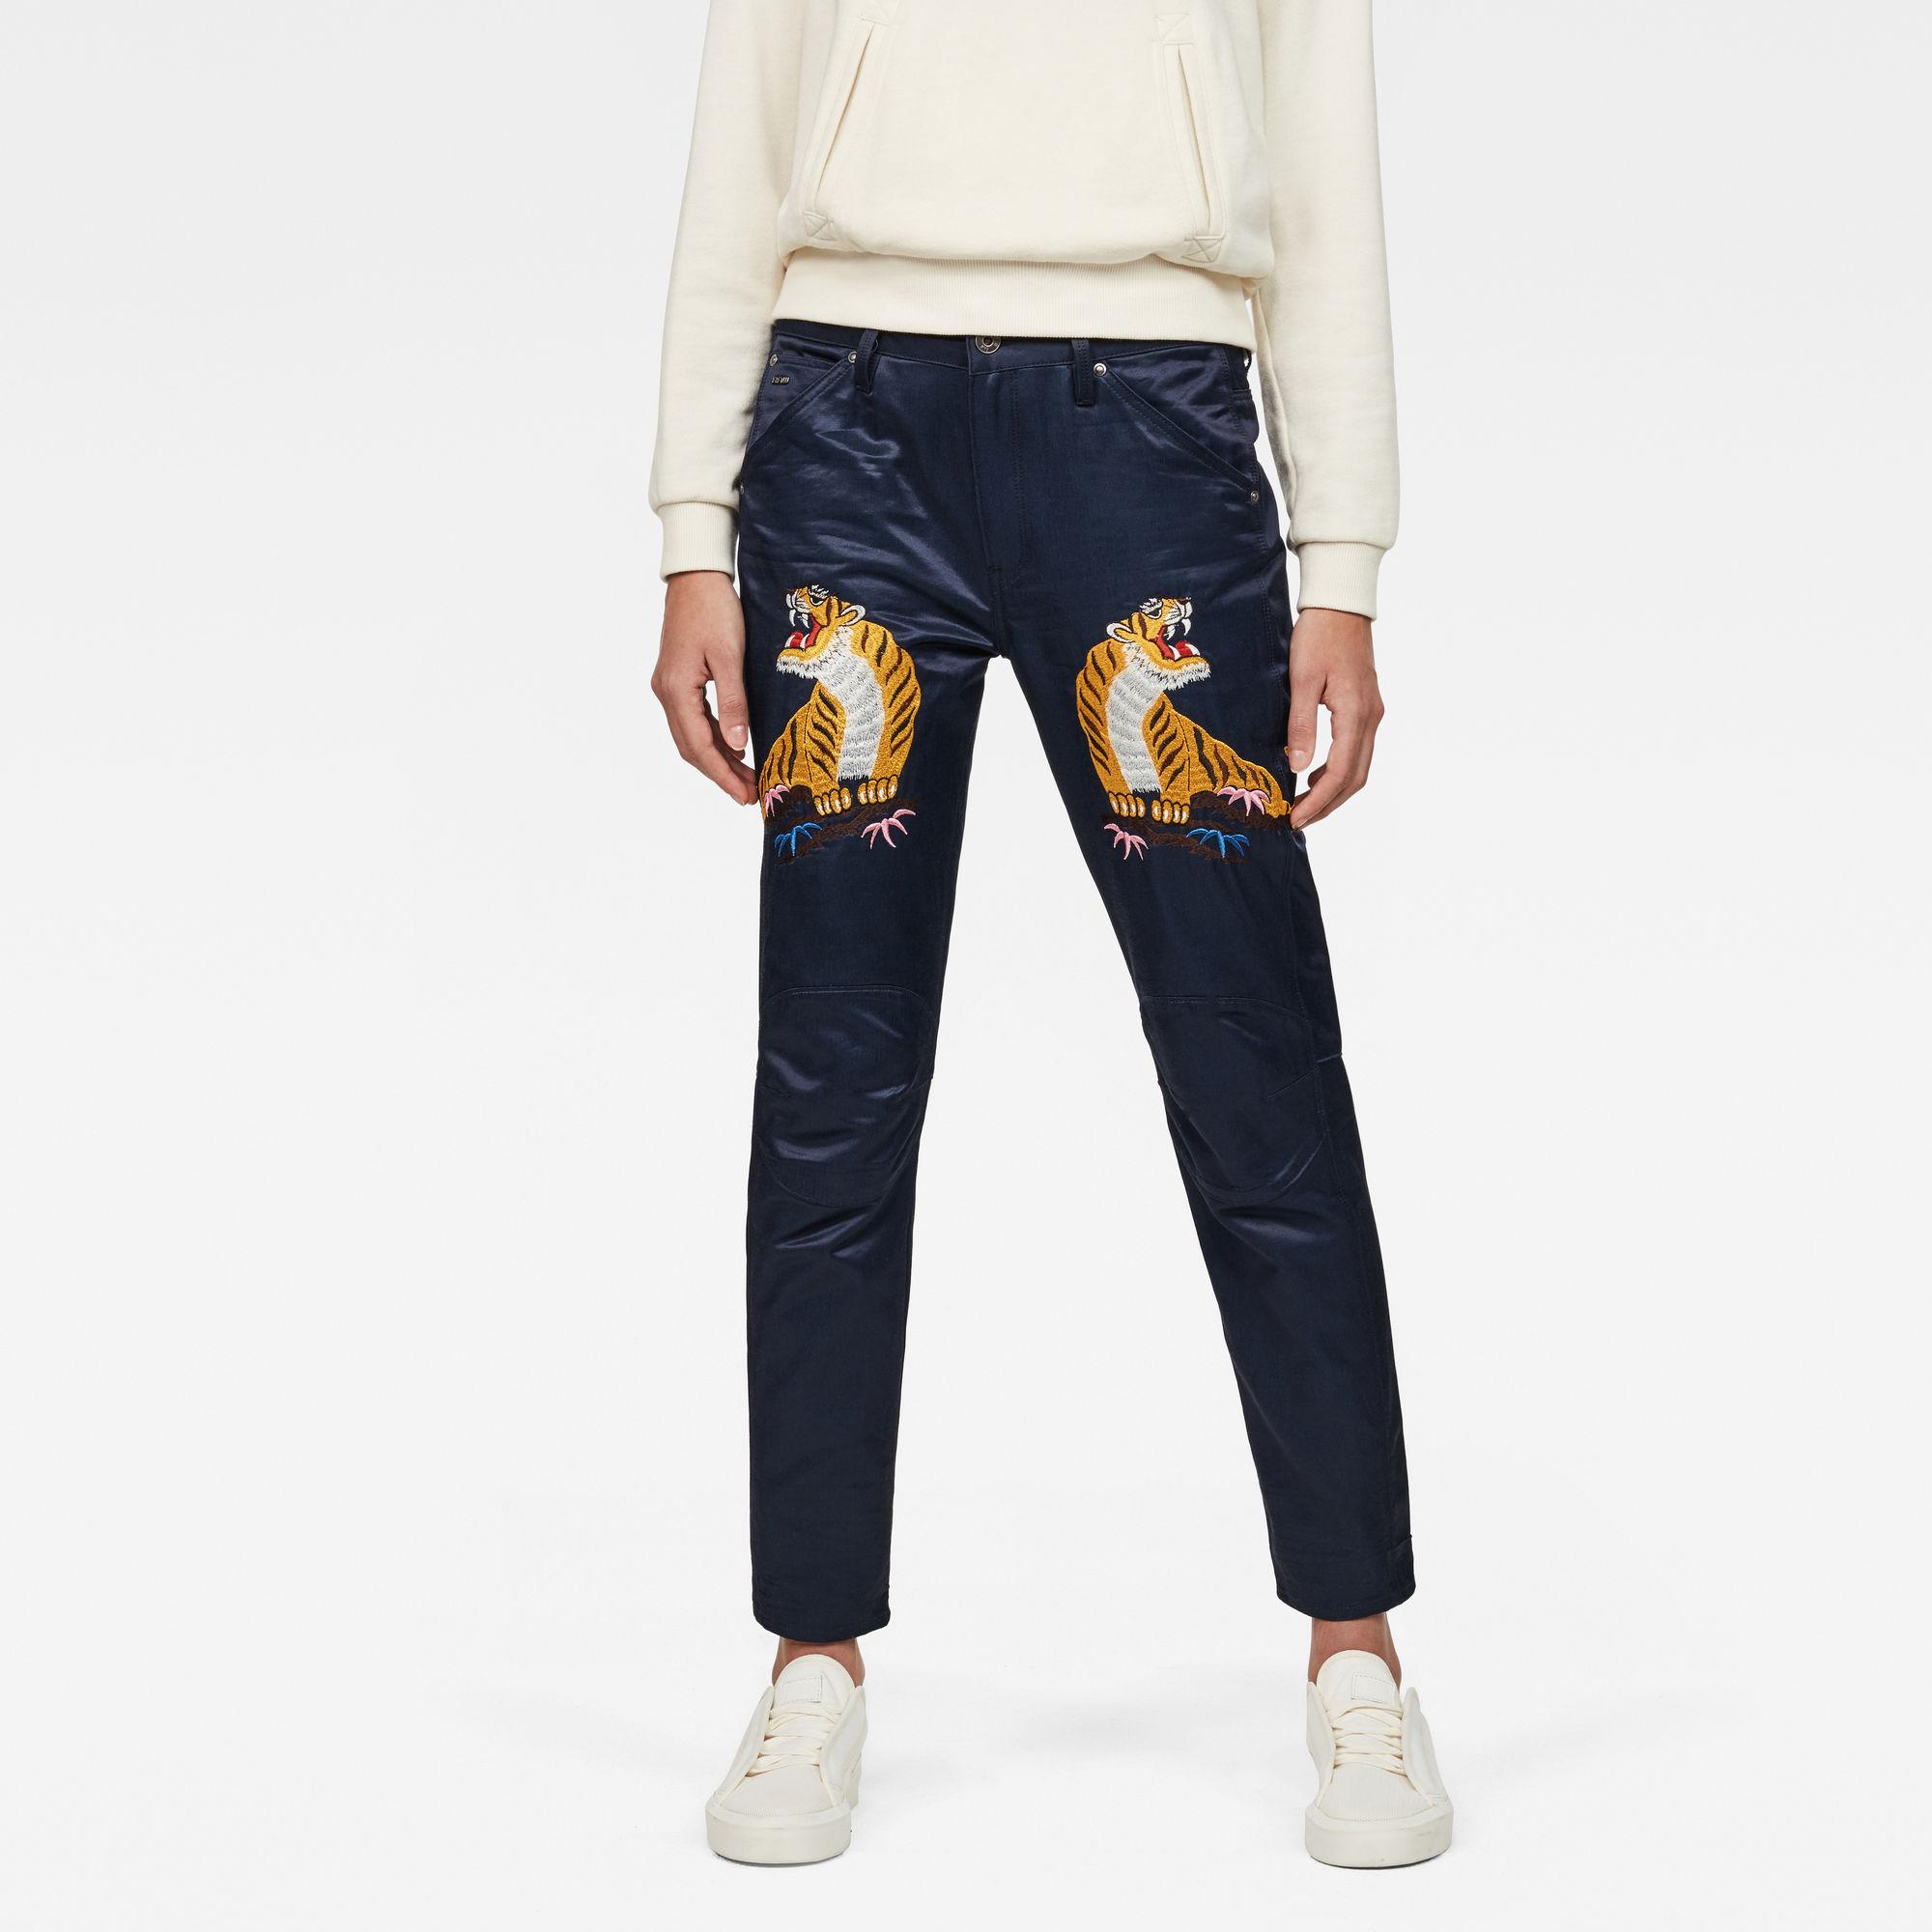 5622 3D Mid waist Boyfriend Color Jeans